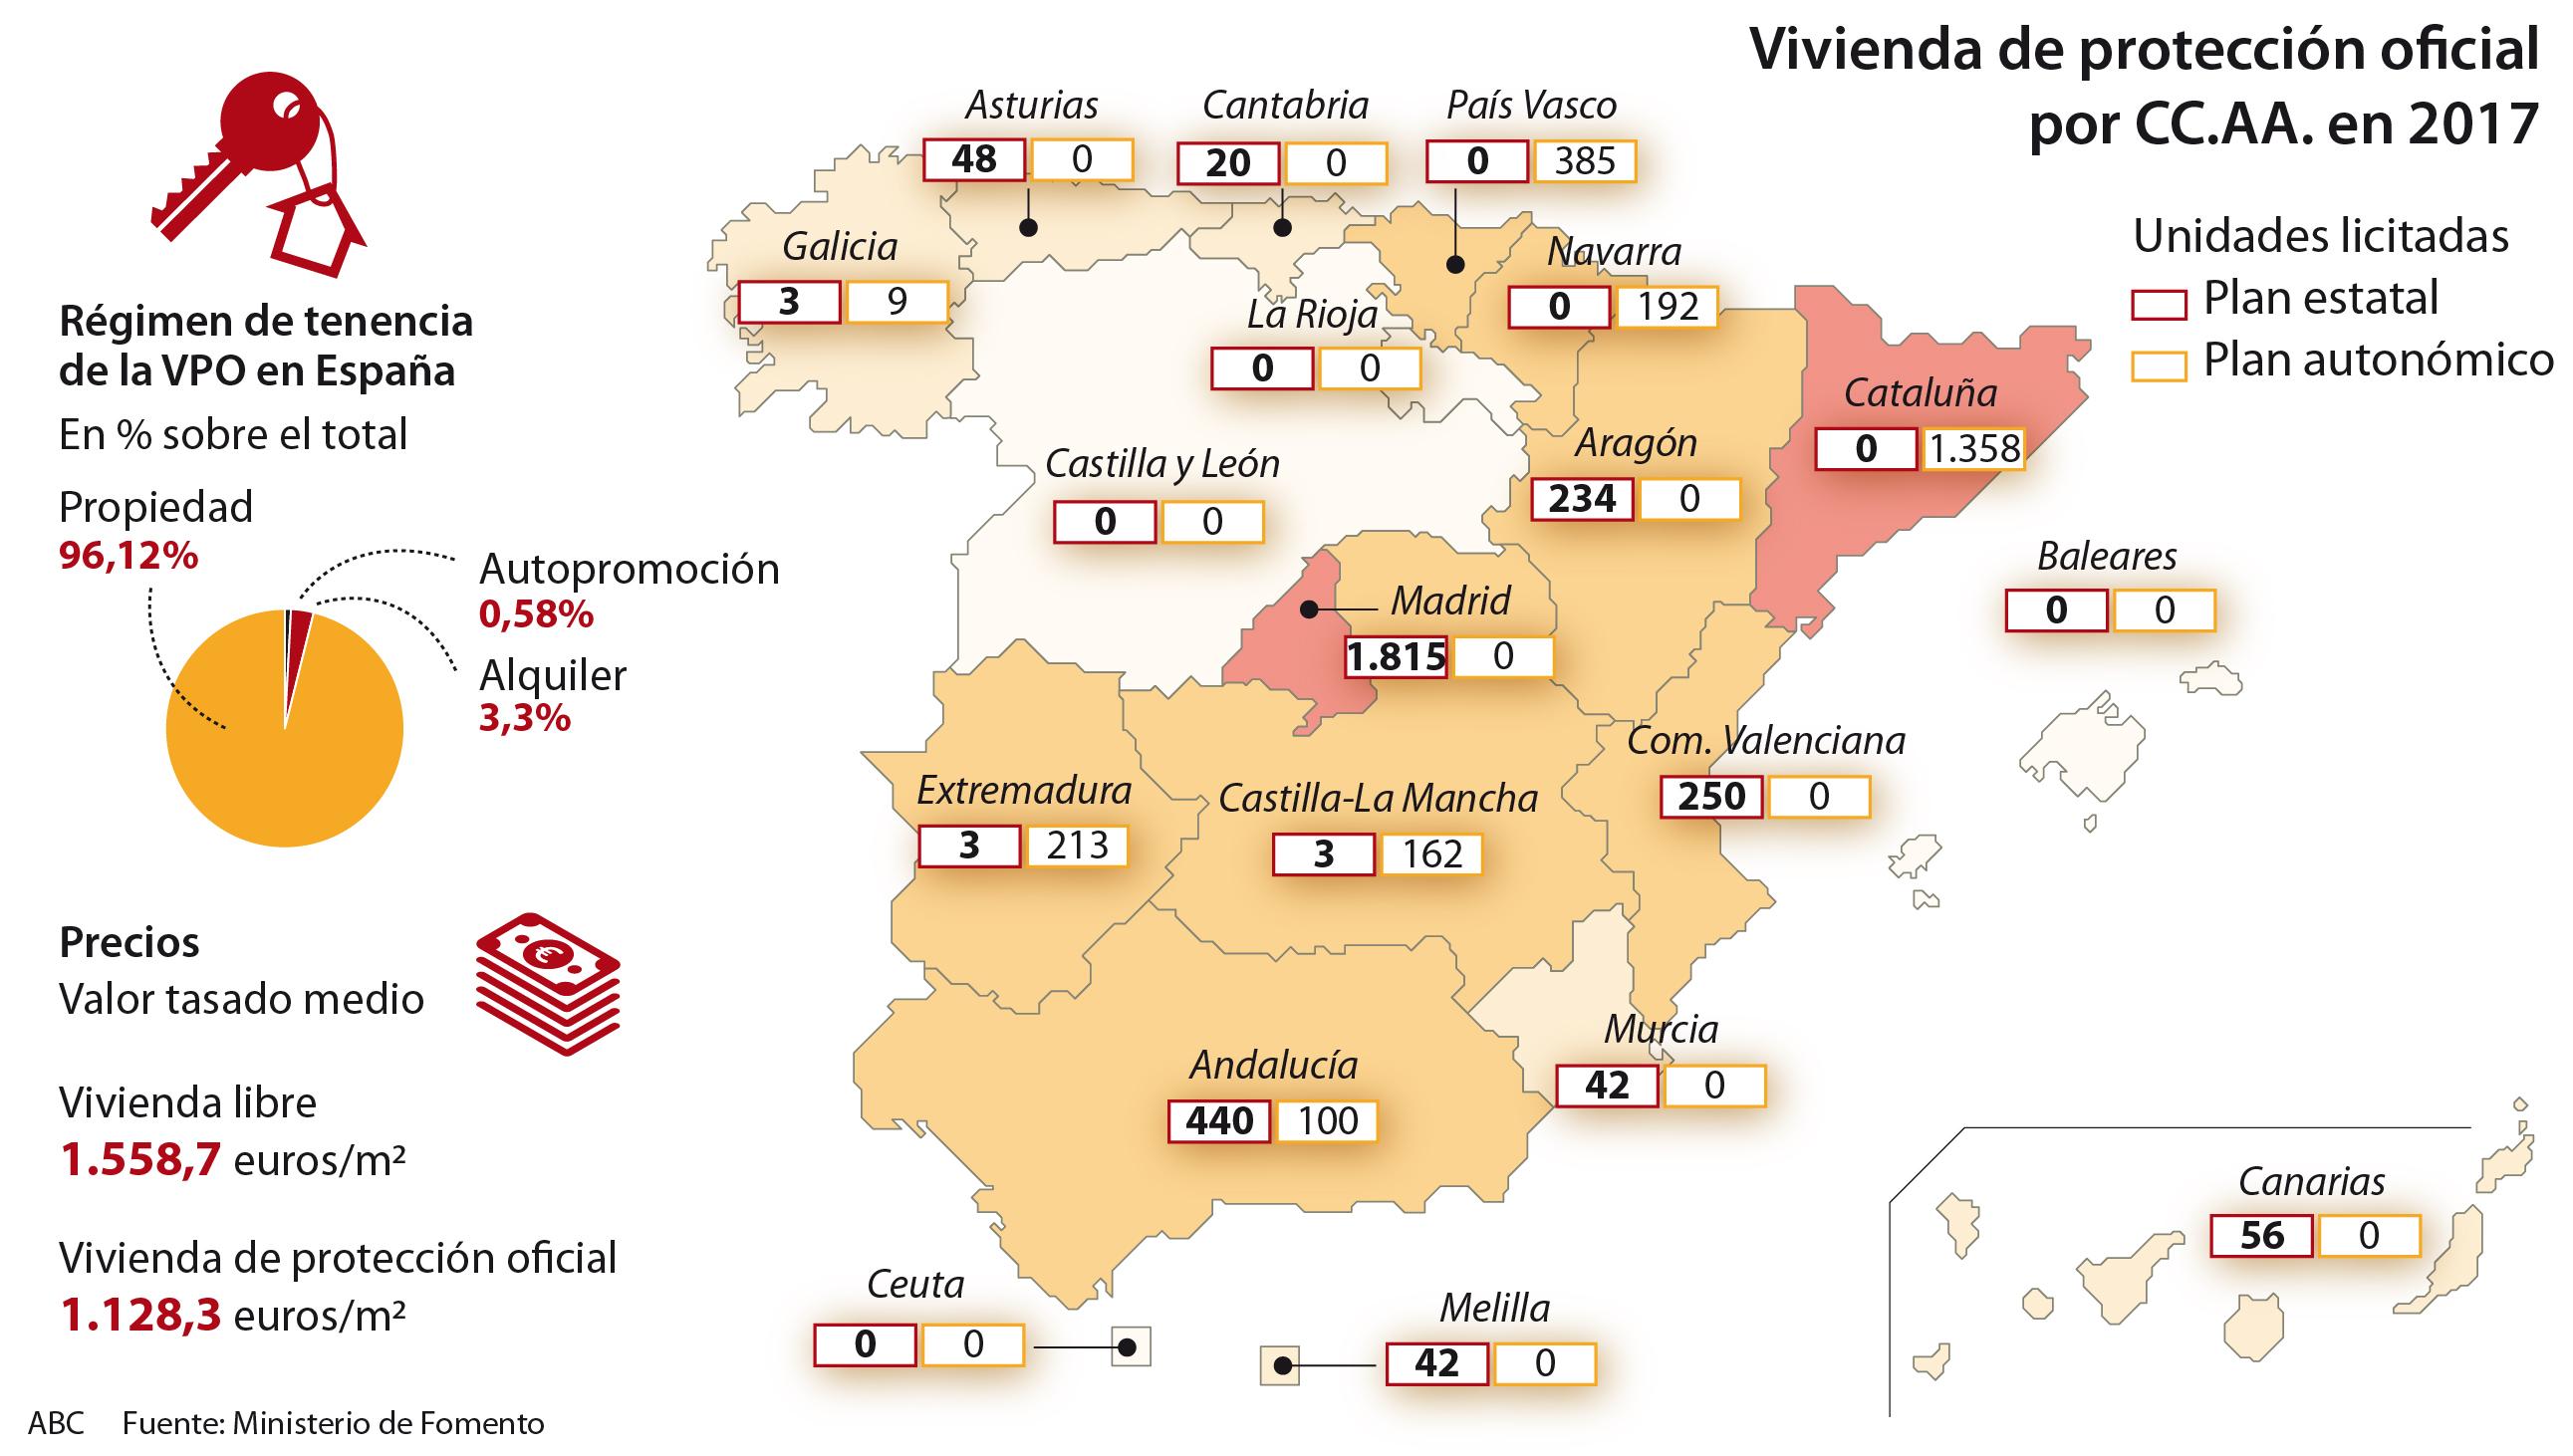 Vpo espa a se queda a la cola de europa en vivienda social - Casas proteccion oficial ...